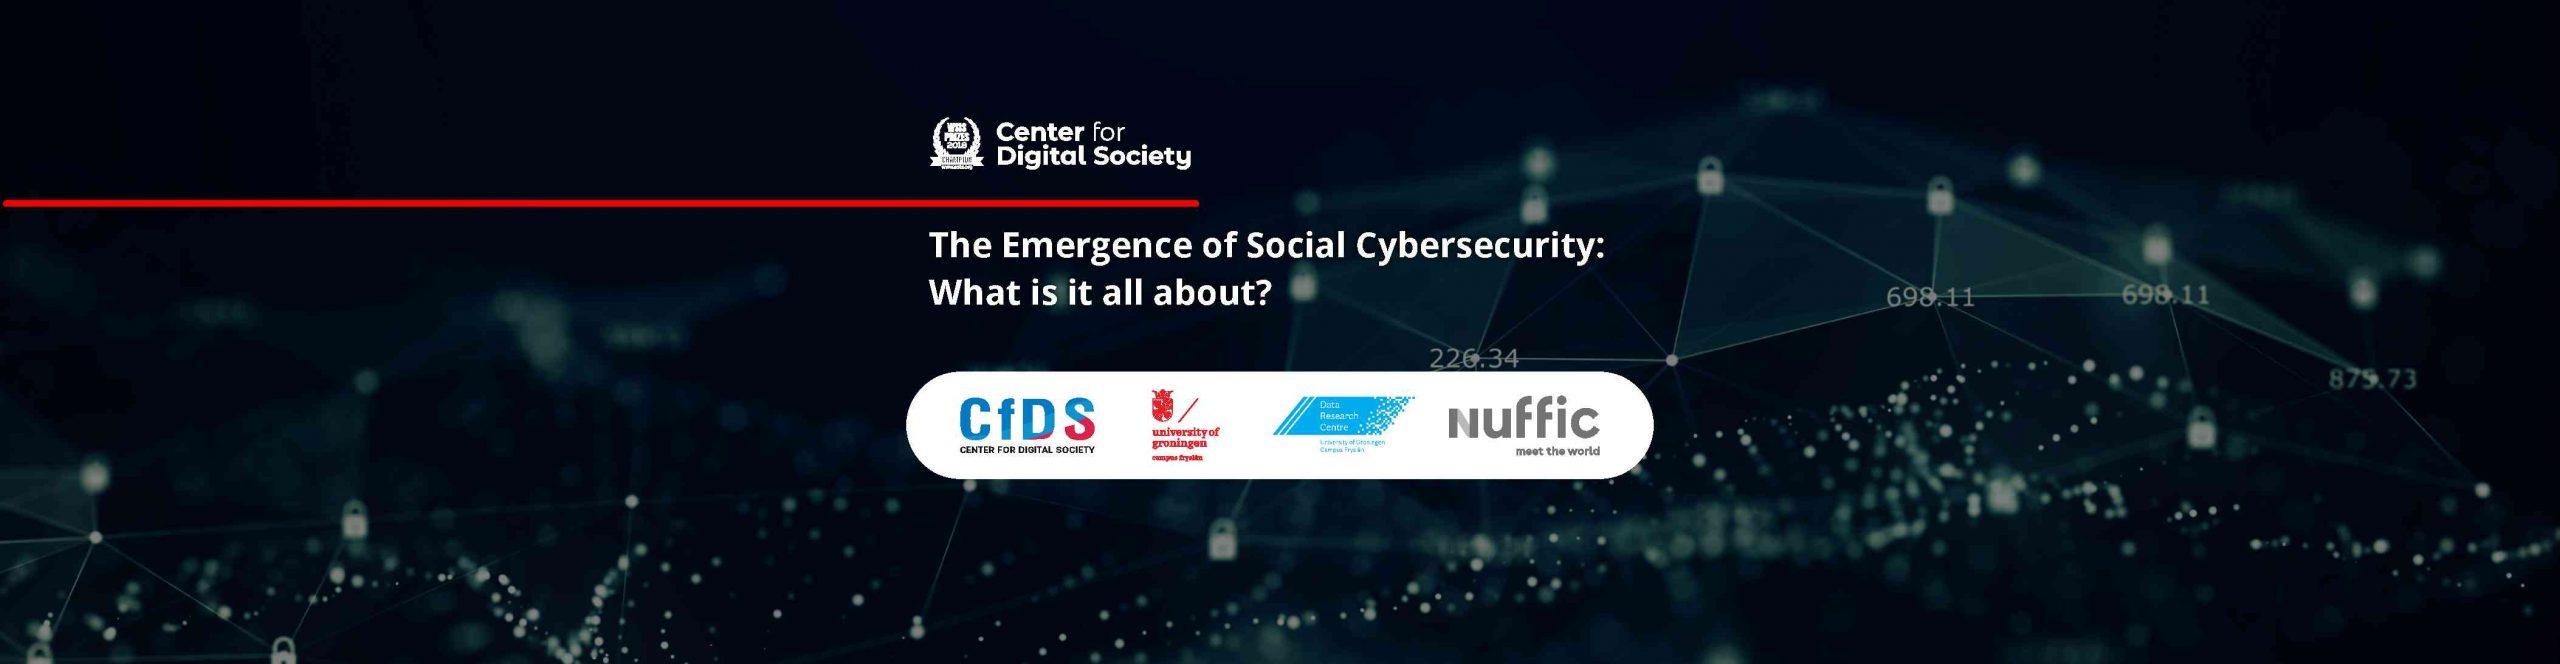 Keamanan Siber Sosial Sebagai Ilmu Baru: Apakah itu?